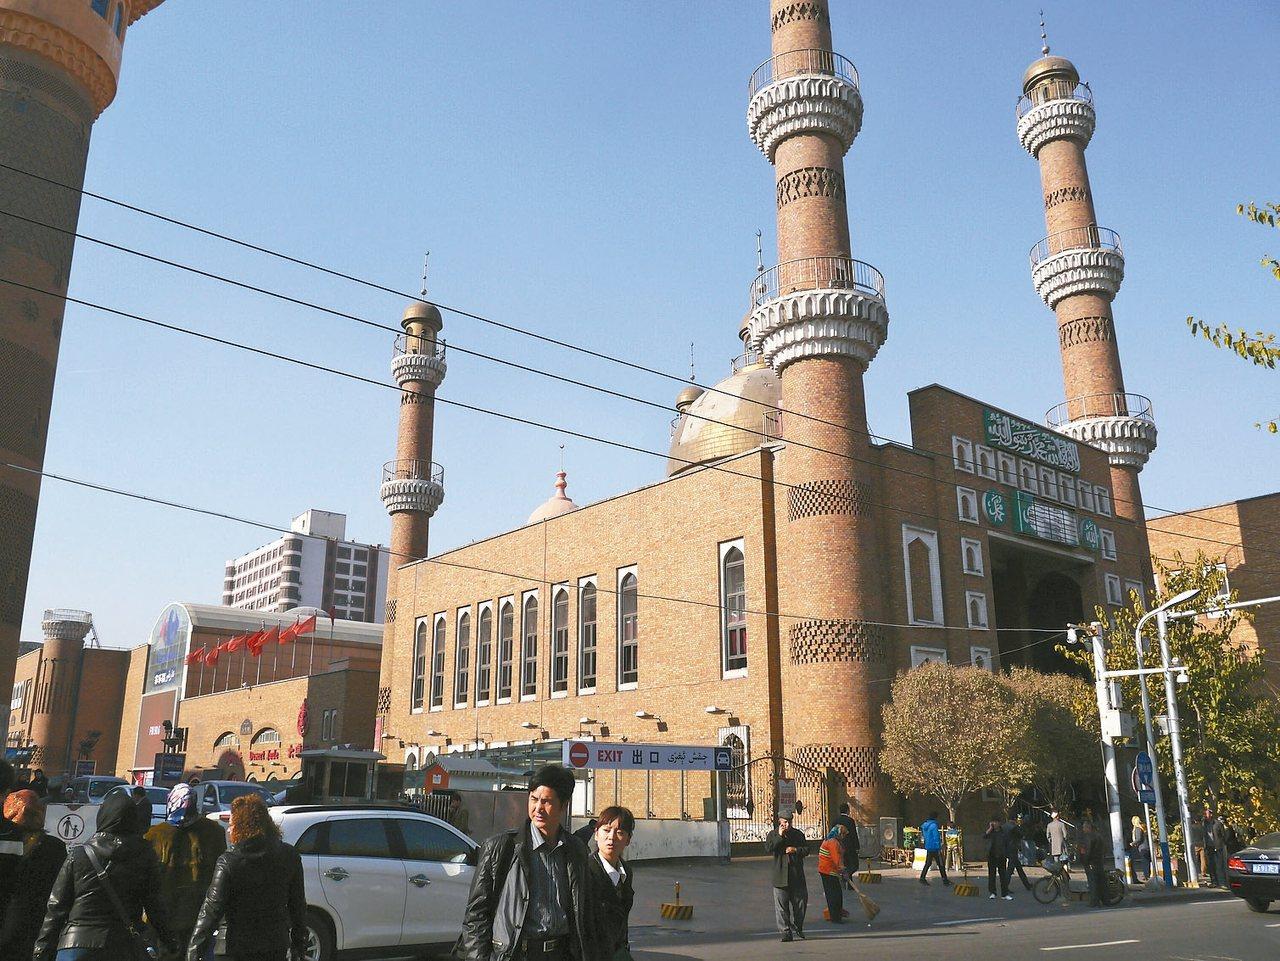 烏魯木齊市南北疆的分界點,花海以北疆為最。 記者羅建怡/攝影